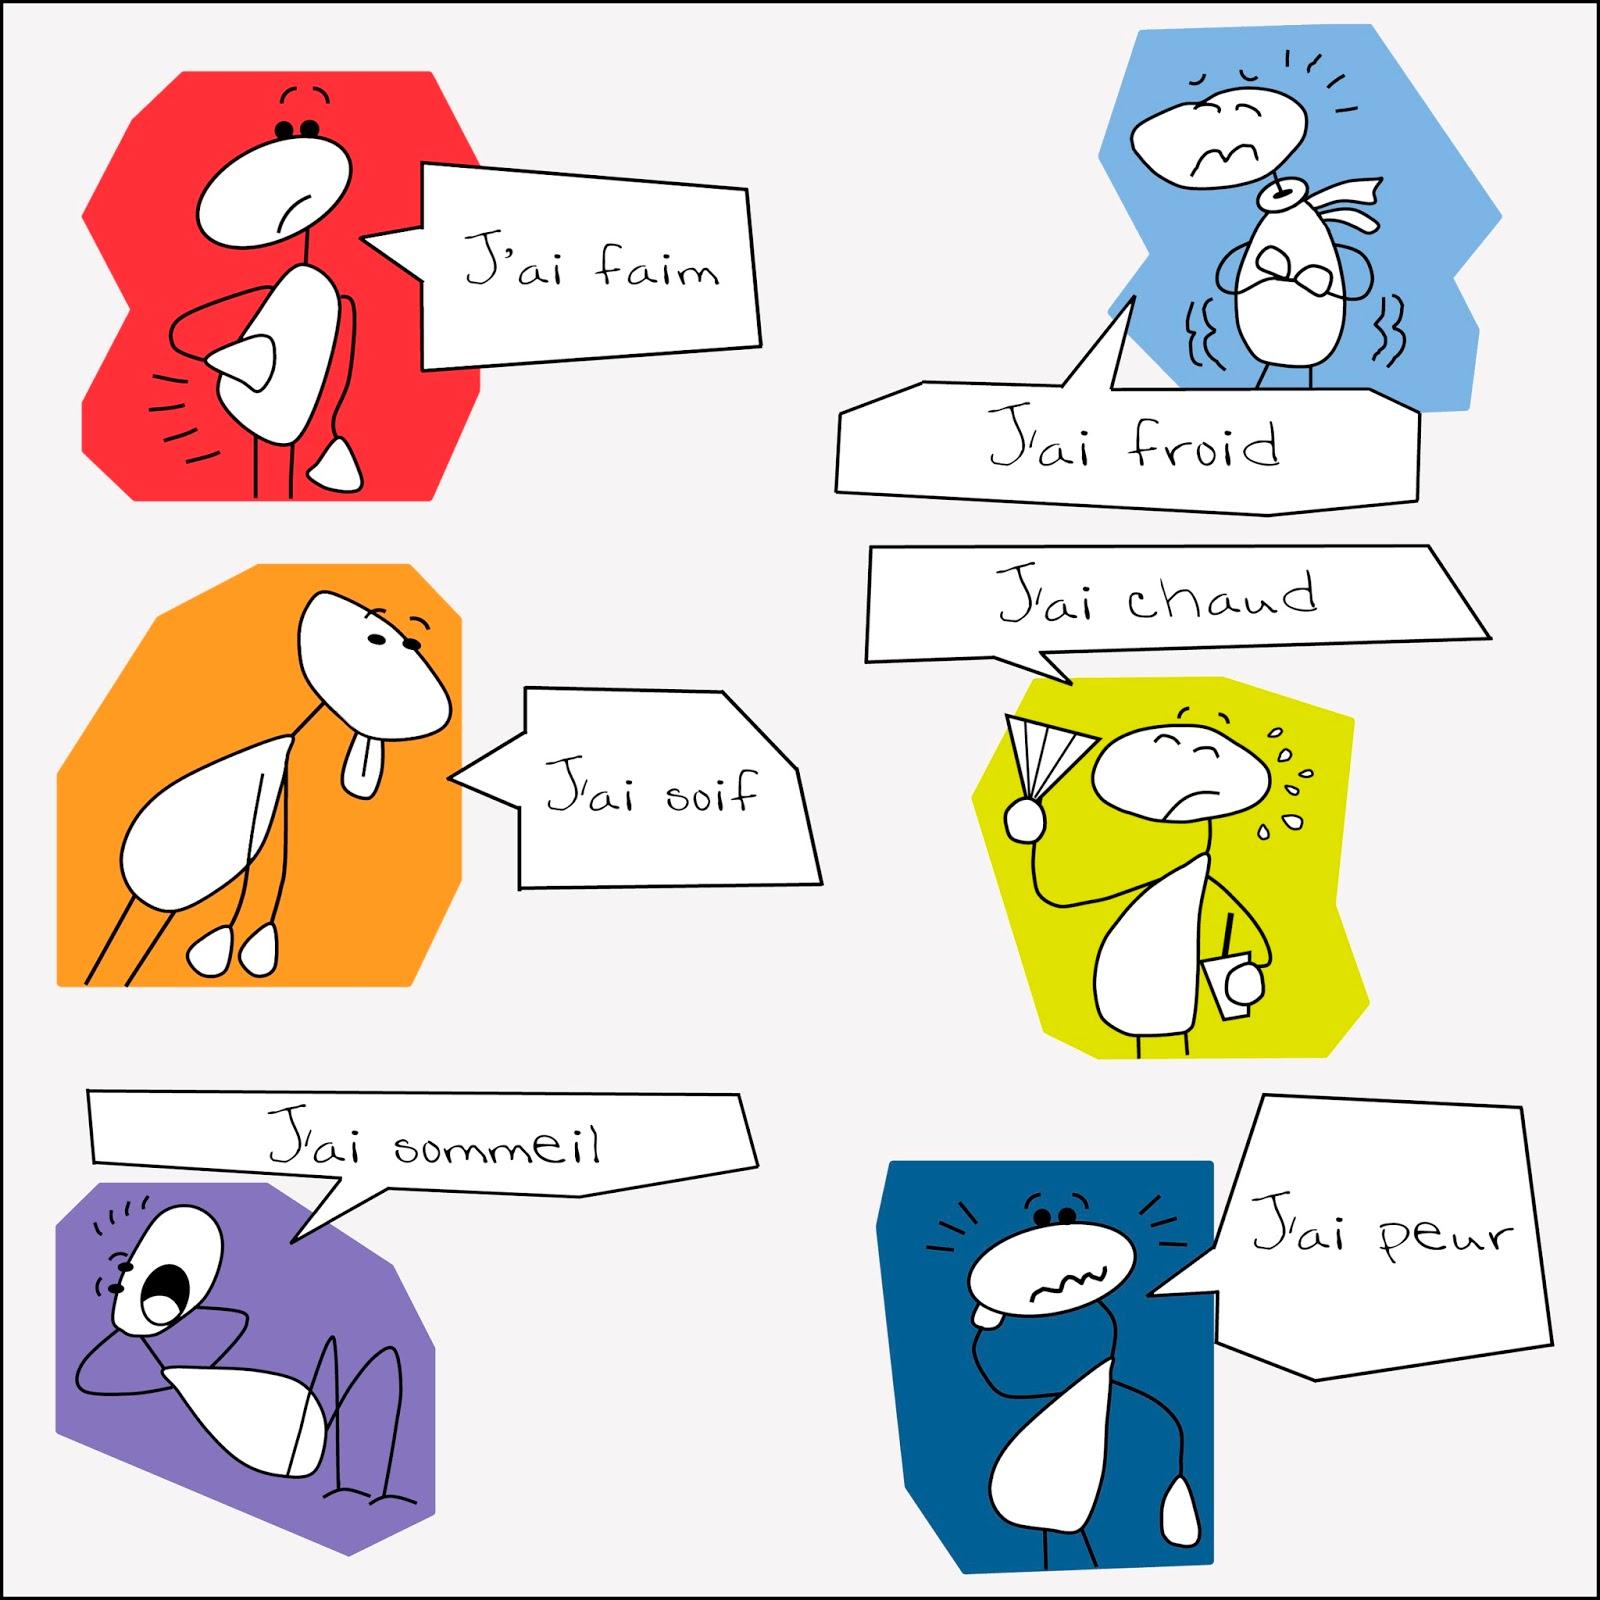 Wyrażenia z czasownikiem avoir - wyrażenia 2 - Francuski przy kawie